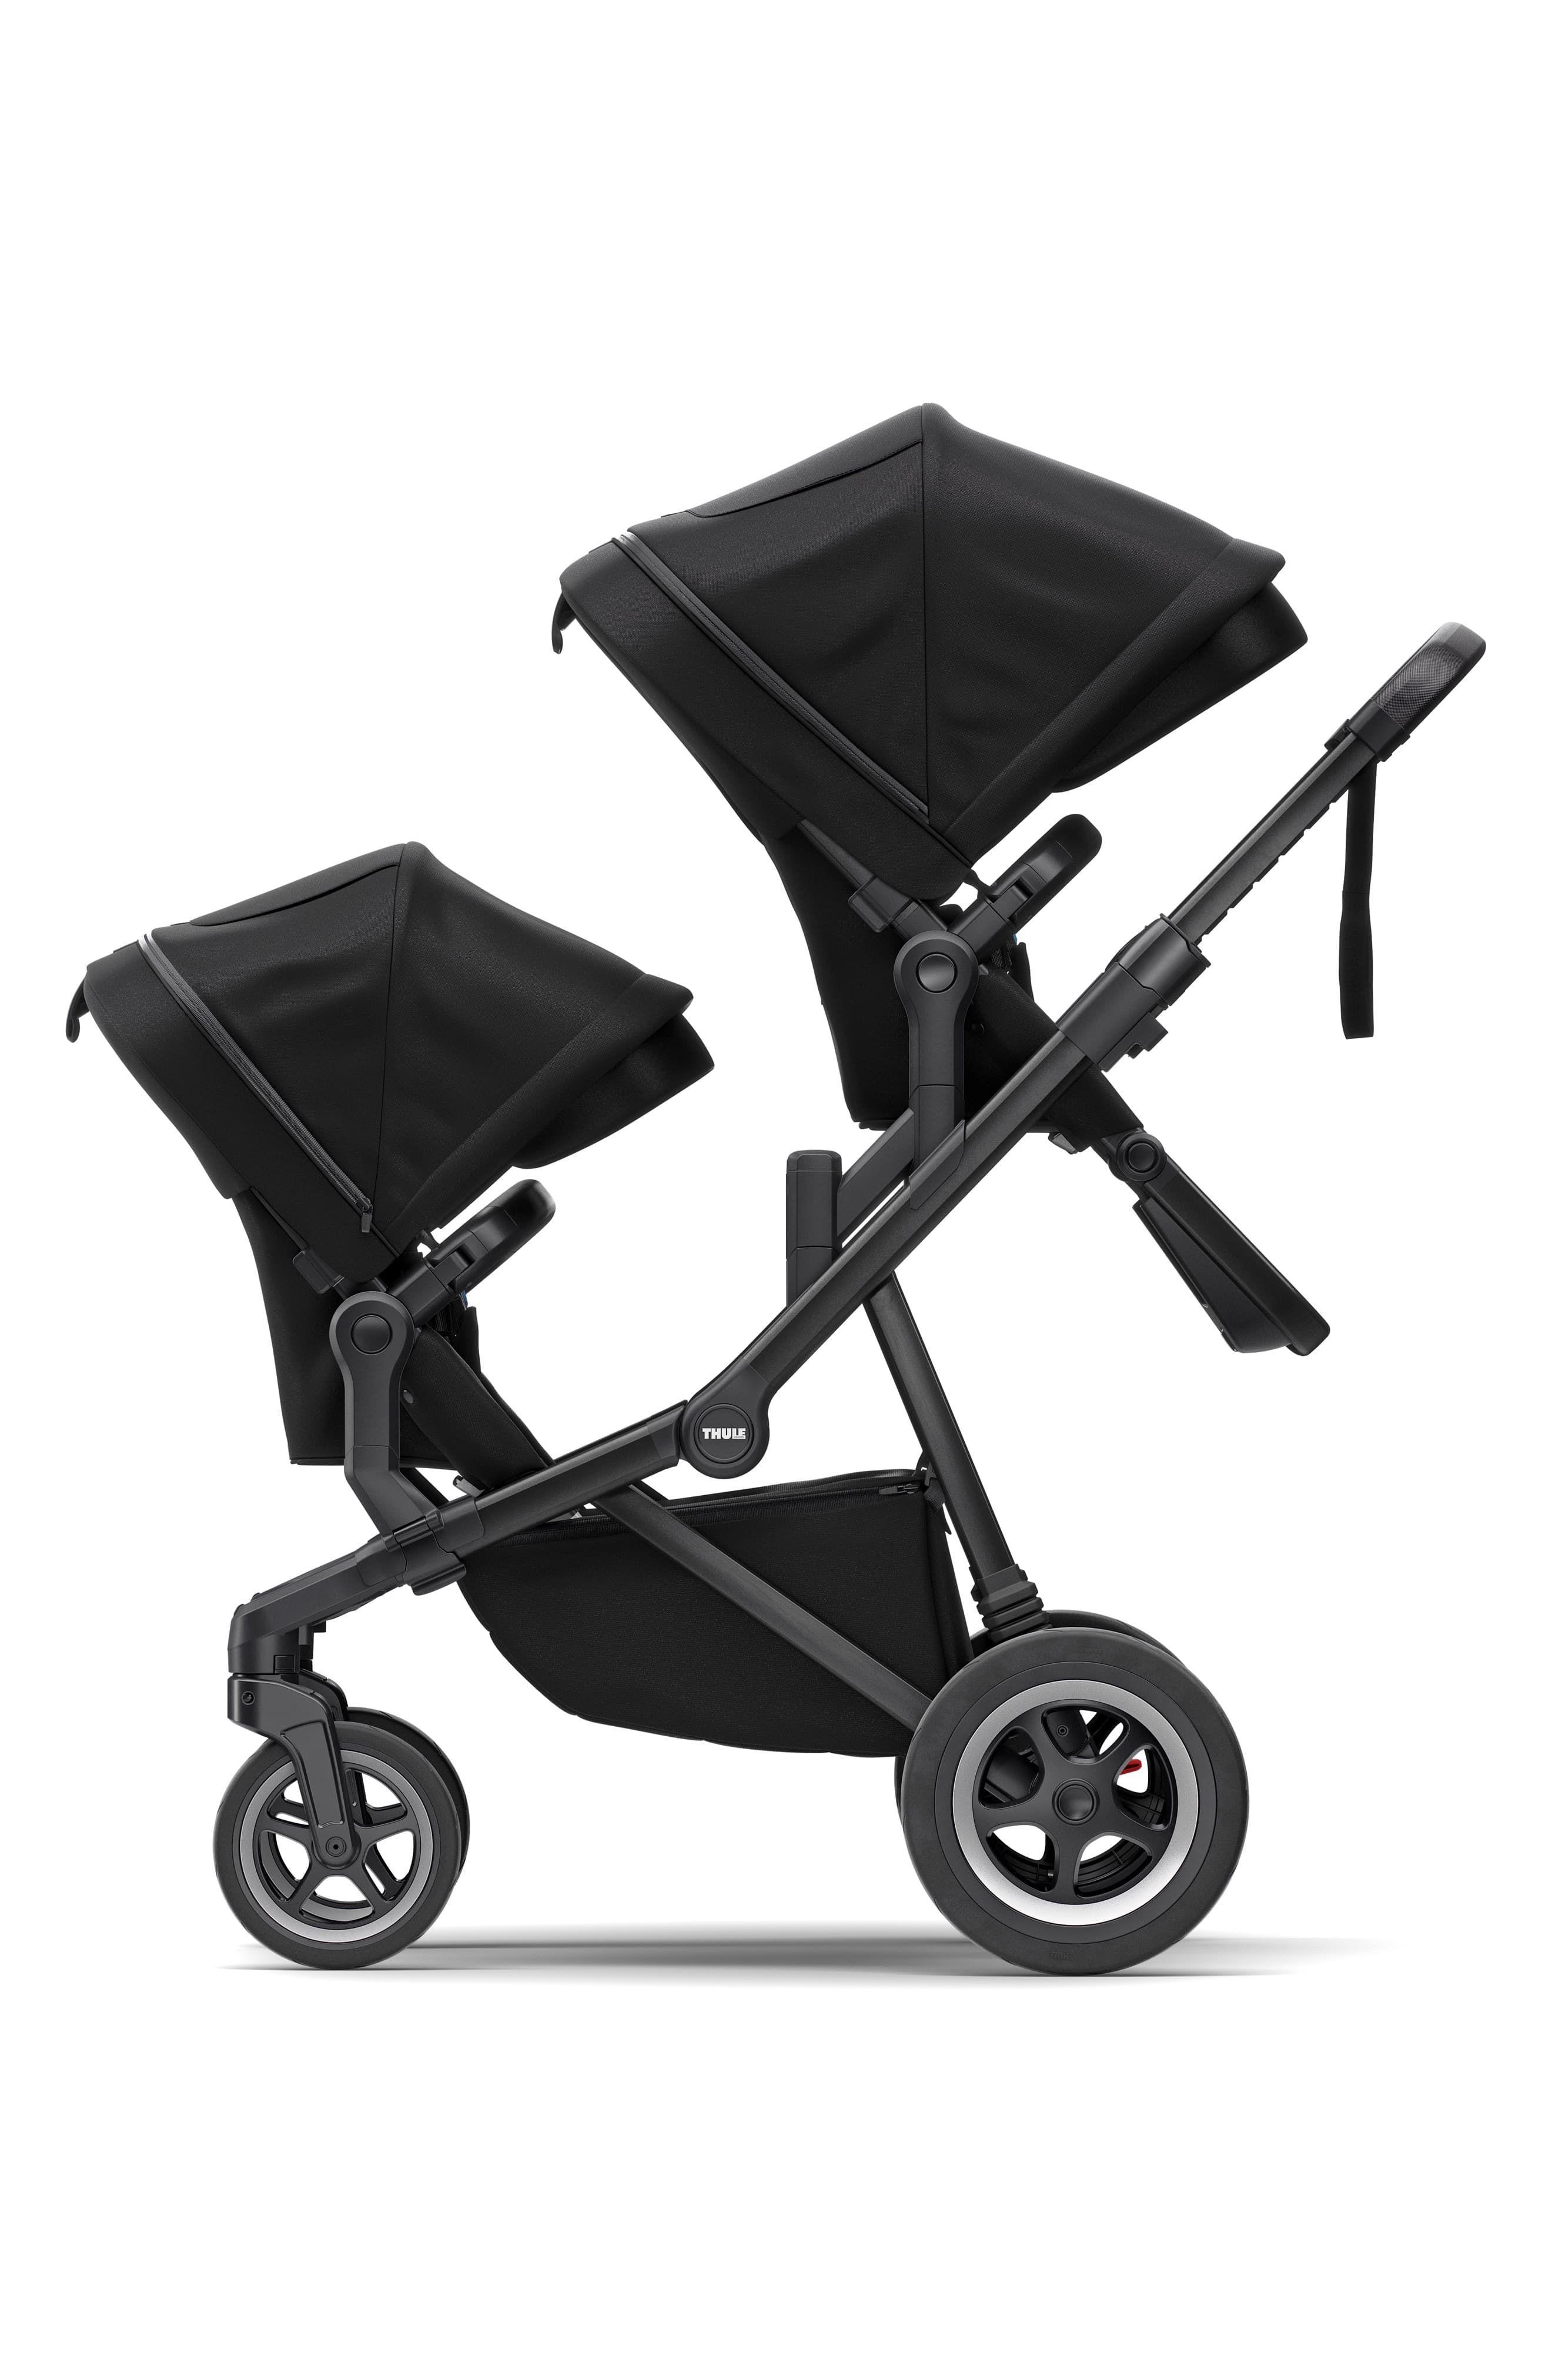 25+ Thule sleek double stroller reviews ideas